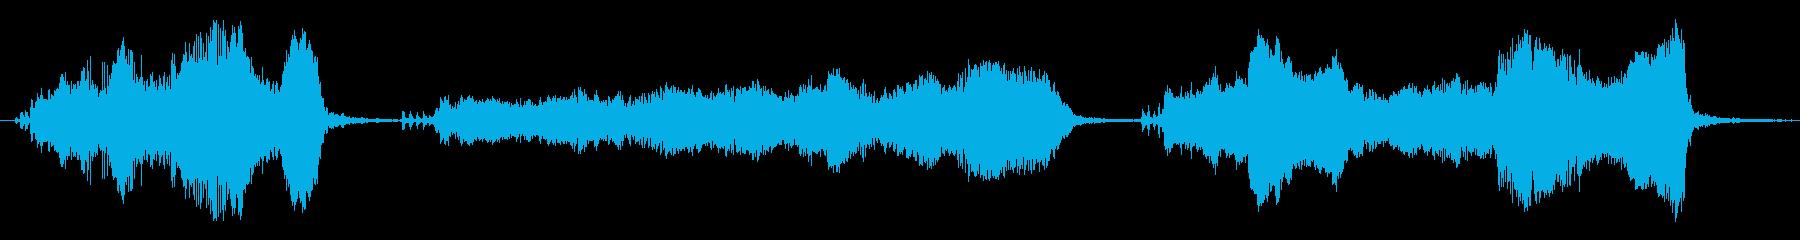 豚の悲鳴、嘆きx3の再生済みの波形